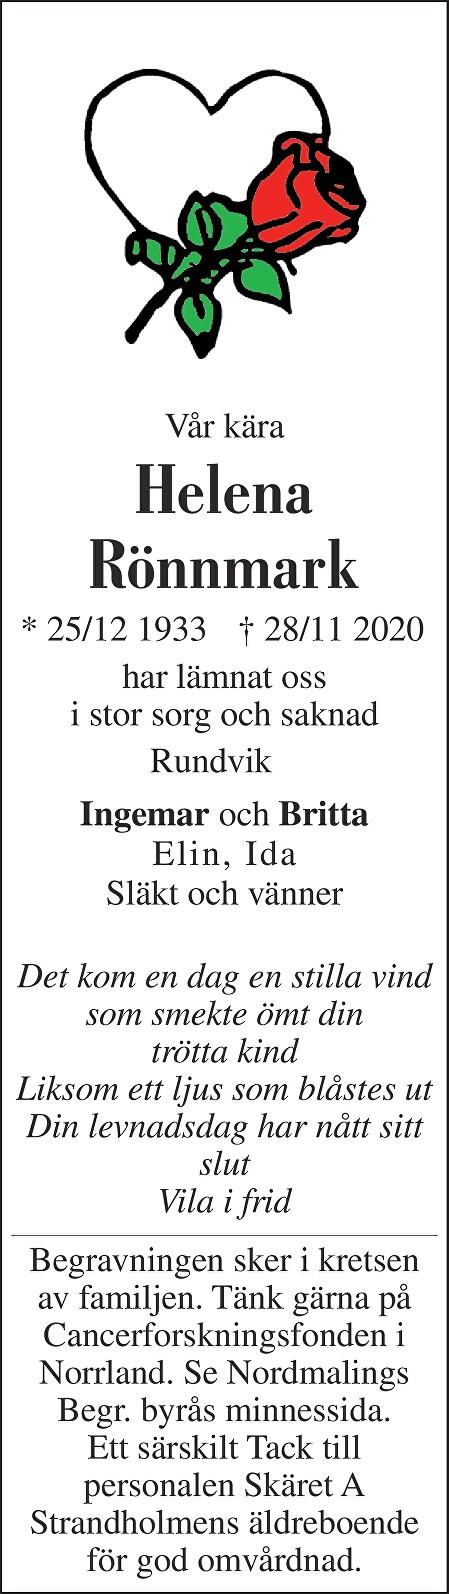 Helena Rönnmark Death notice